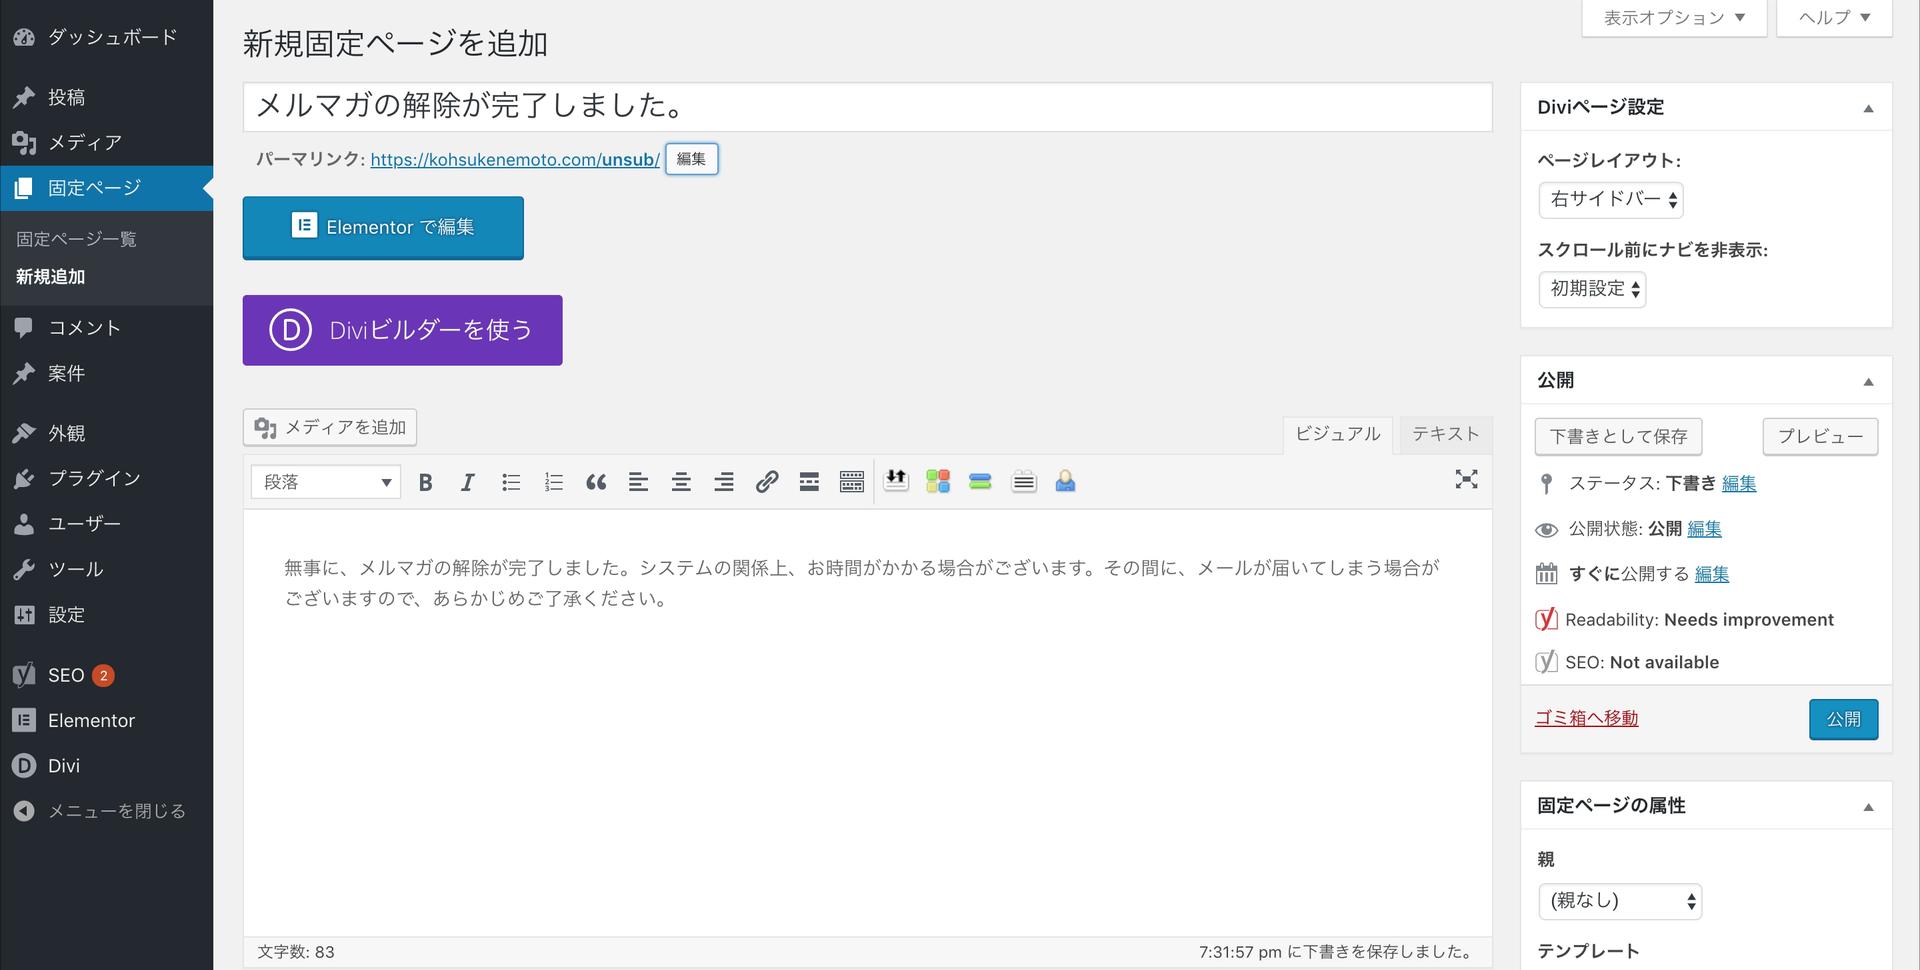 WordPressの固定ページでメルマガの解除ページを作成する